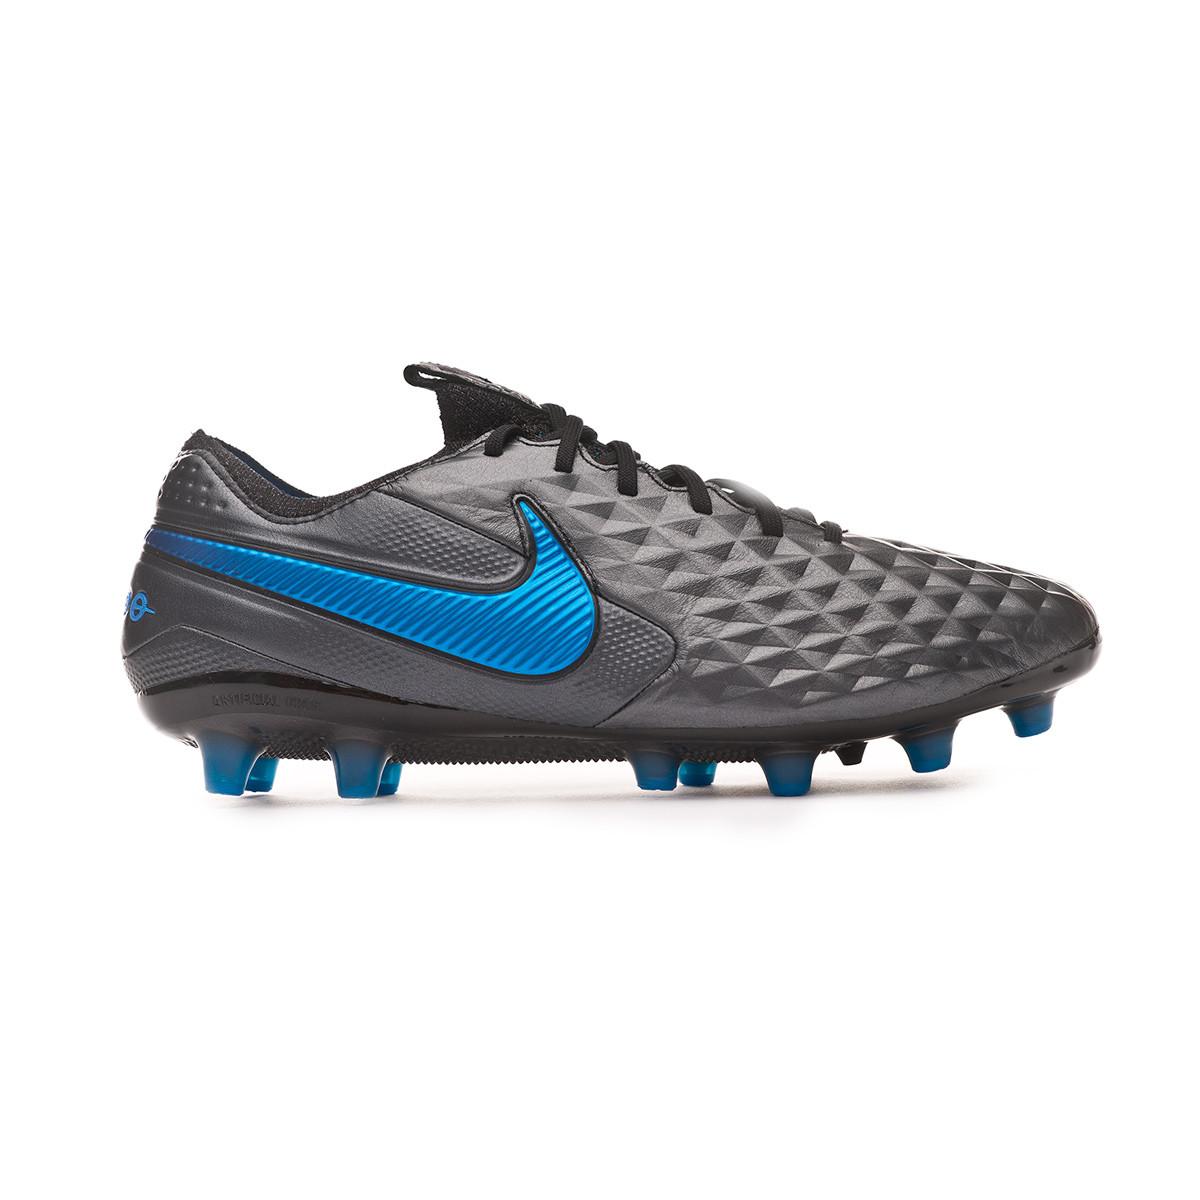 Chaussure de foot Nike Tiempo Legend VIII Elite AG Pro